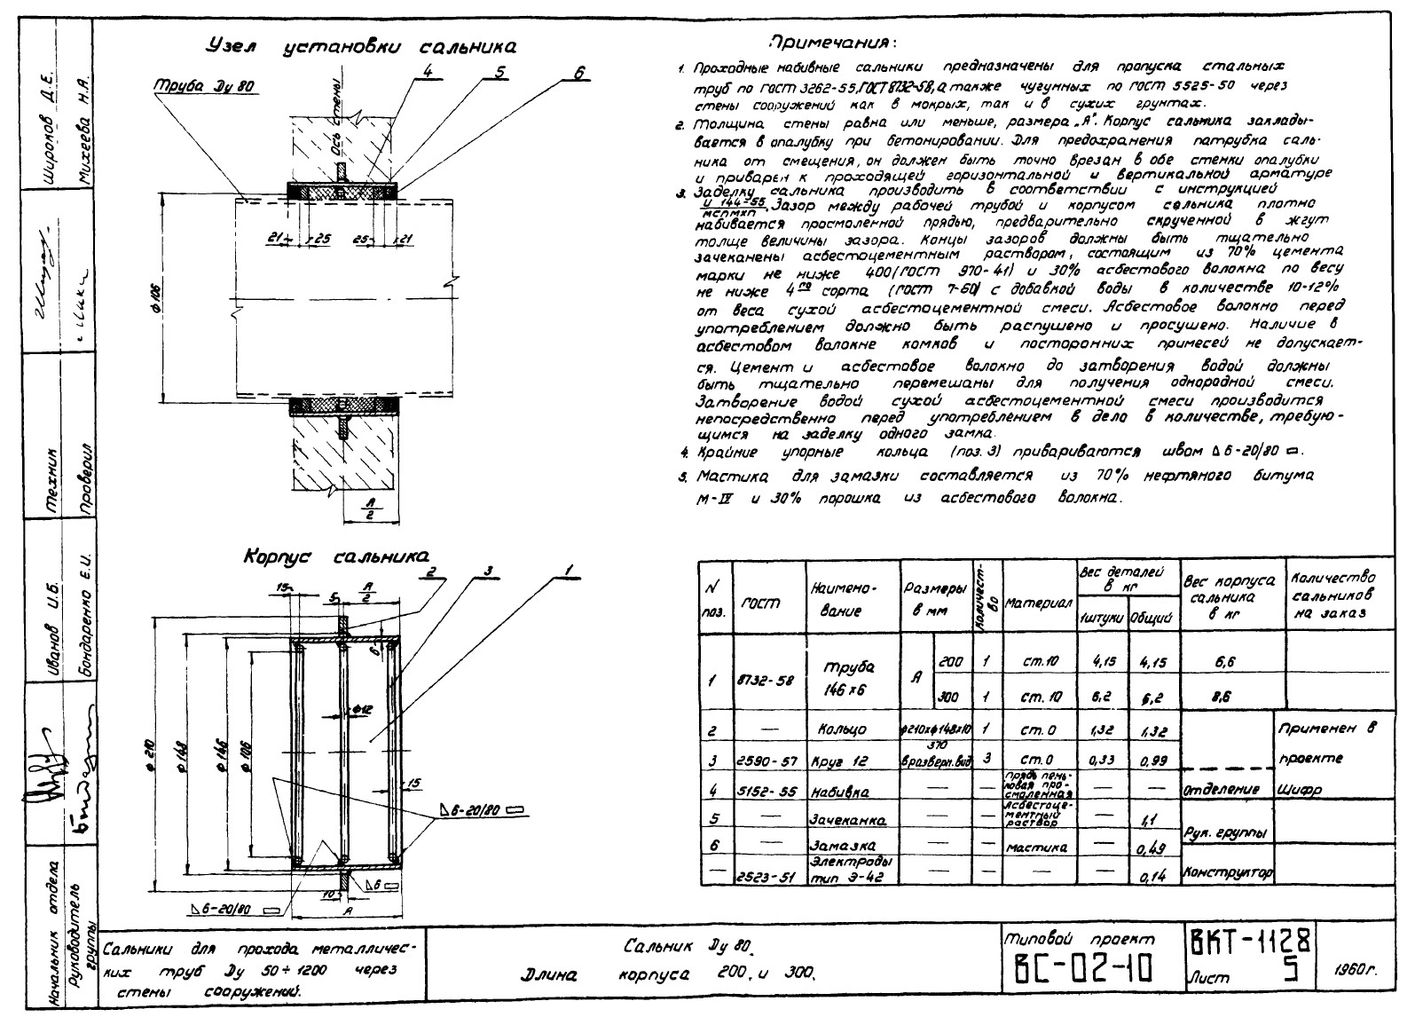 Сальники набивные L = 300 мм типовой проект ВС-02-10 стр.2